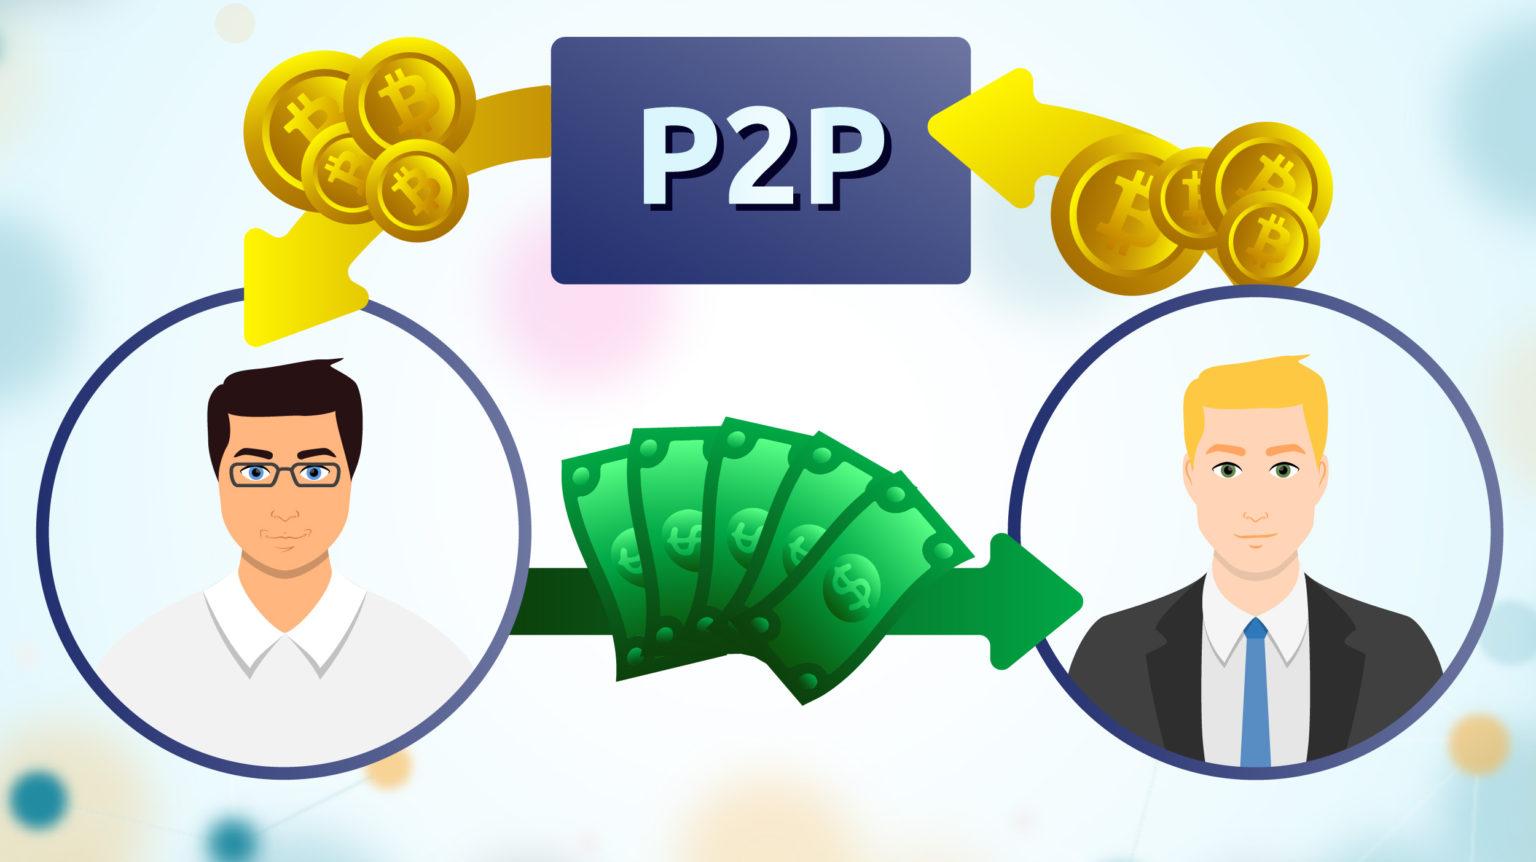 p2p займы от частных лиц